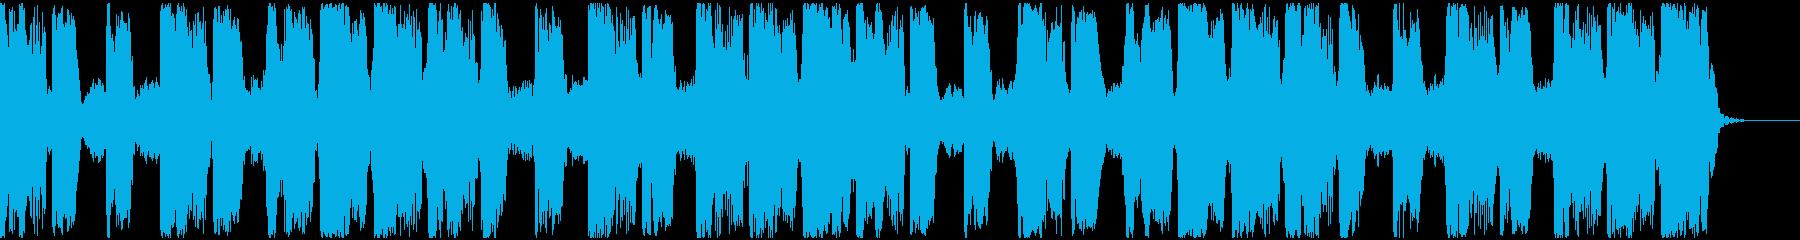 【フューチャーベース】4、ショート2の再生済みの波形